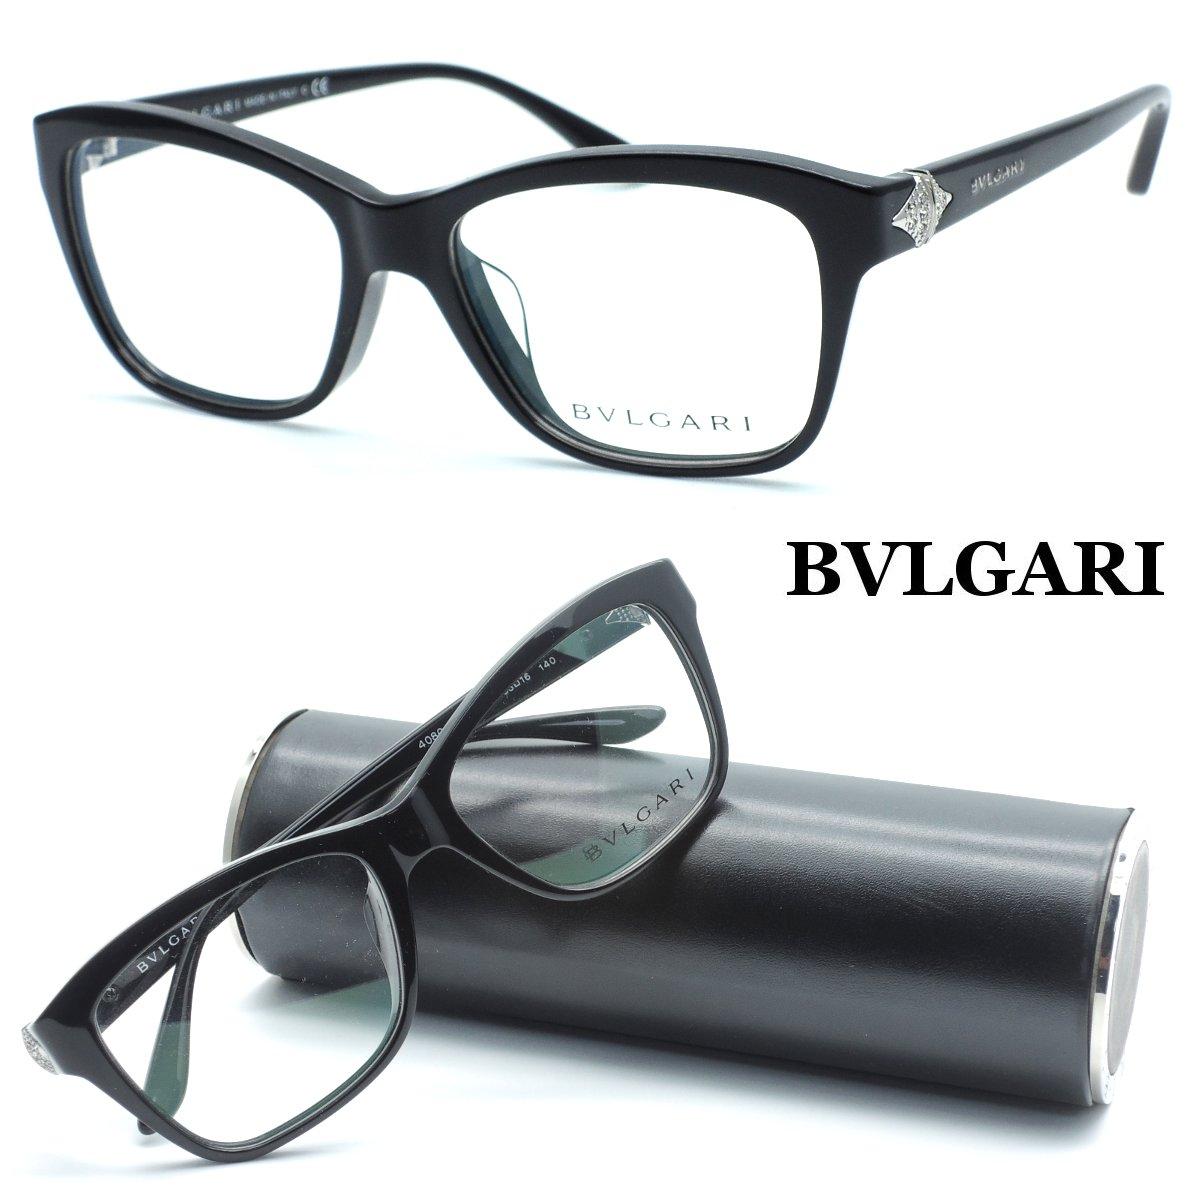 【BVLGARI】ブルガリ メガネ BV4080-B-F col.501 度付又は度無レンズ標準装備 【正規代理店商品】【店内全品送料無料】